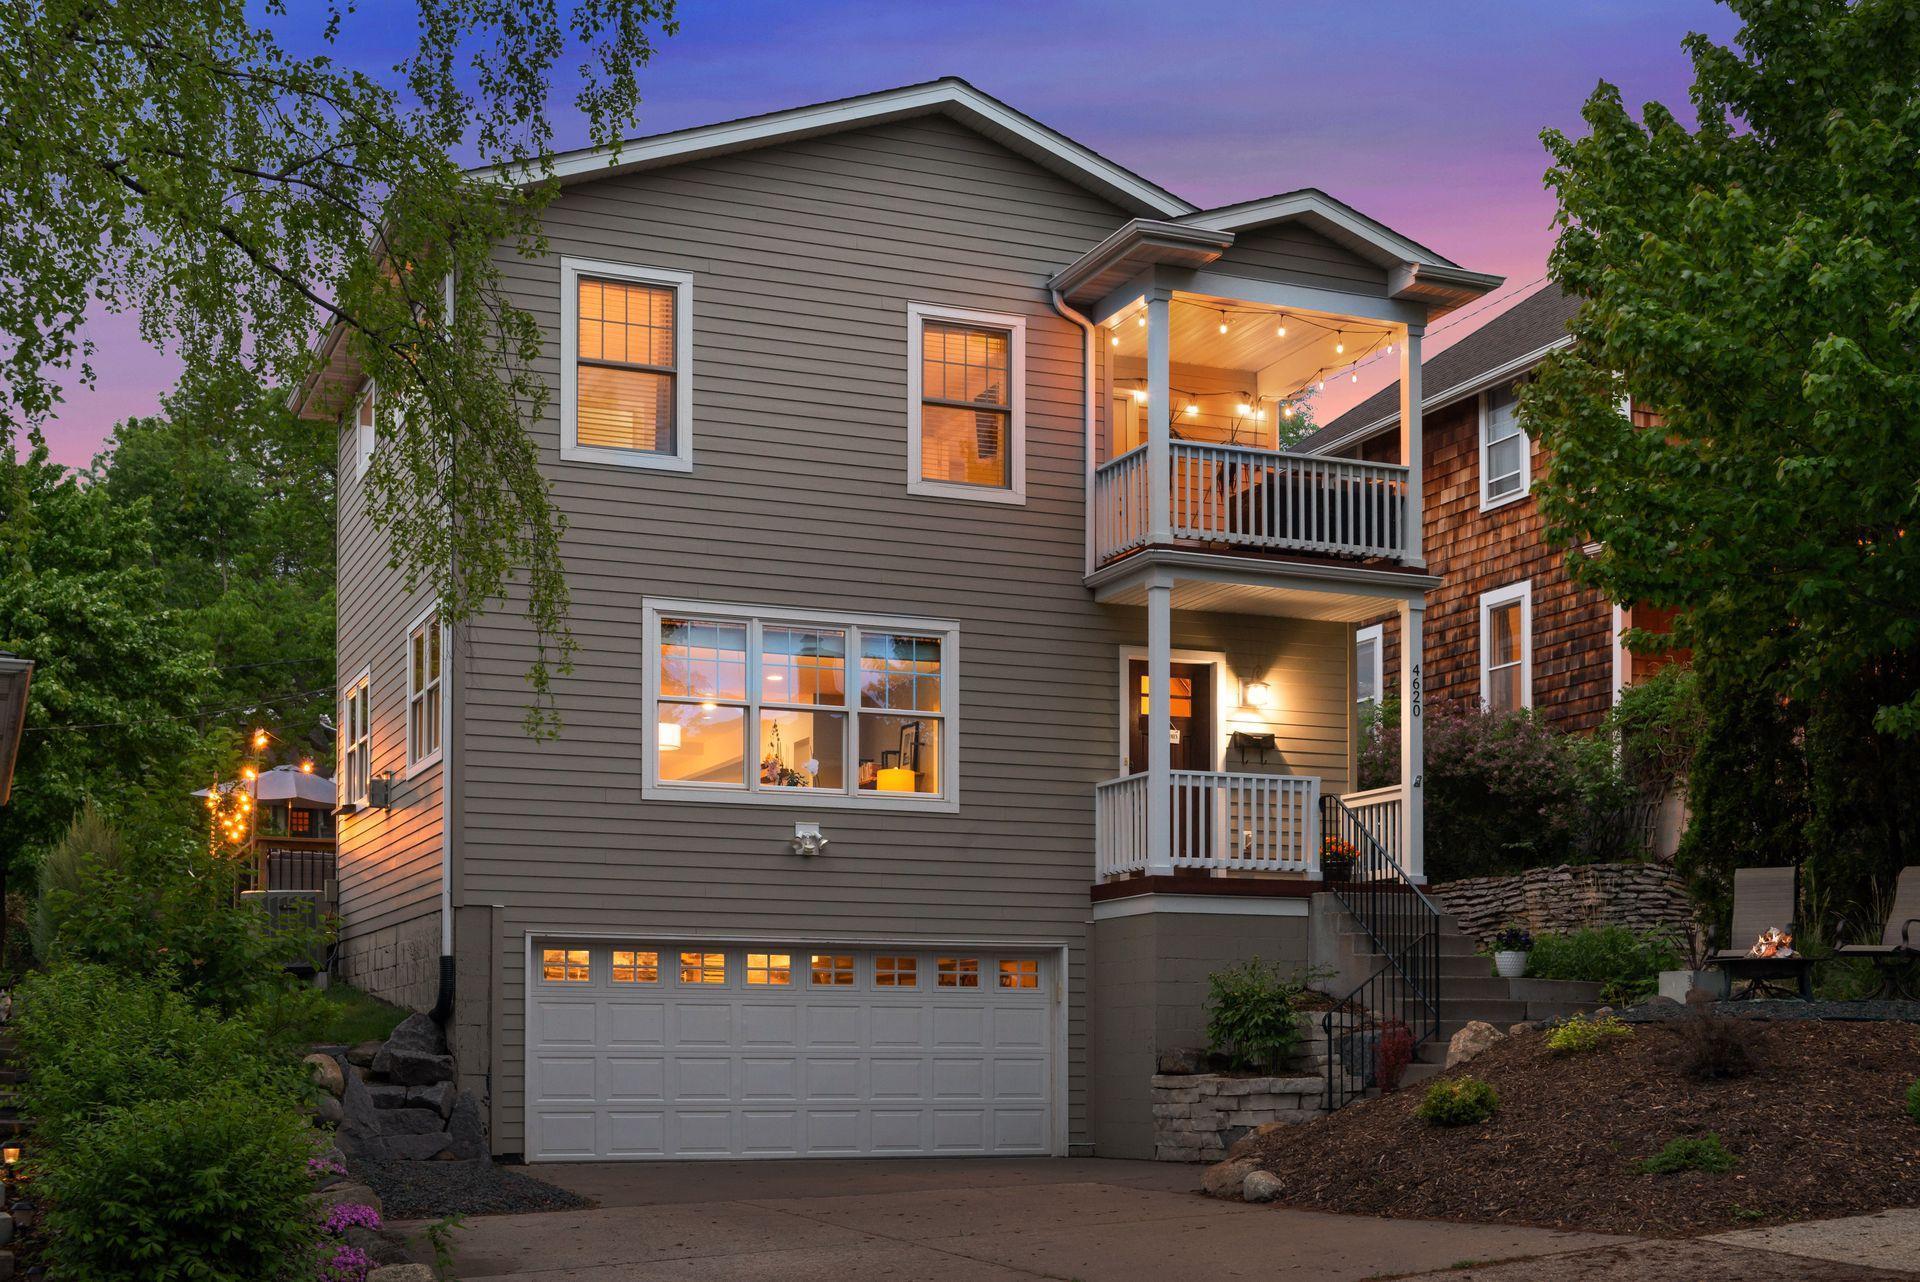 4620 Vincent Avenue S, Minneapolis MN 55410 - Photo 1